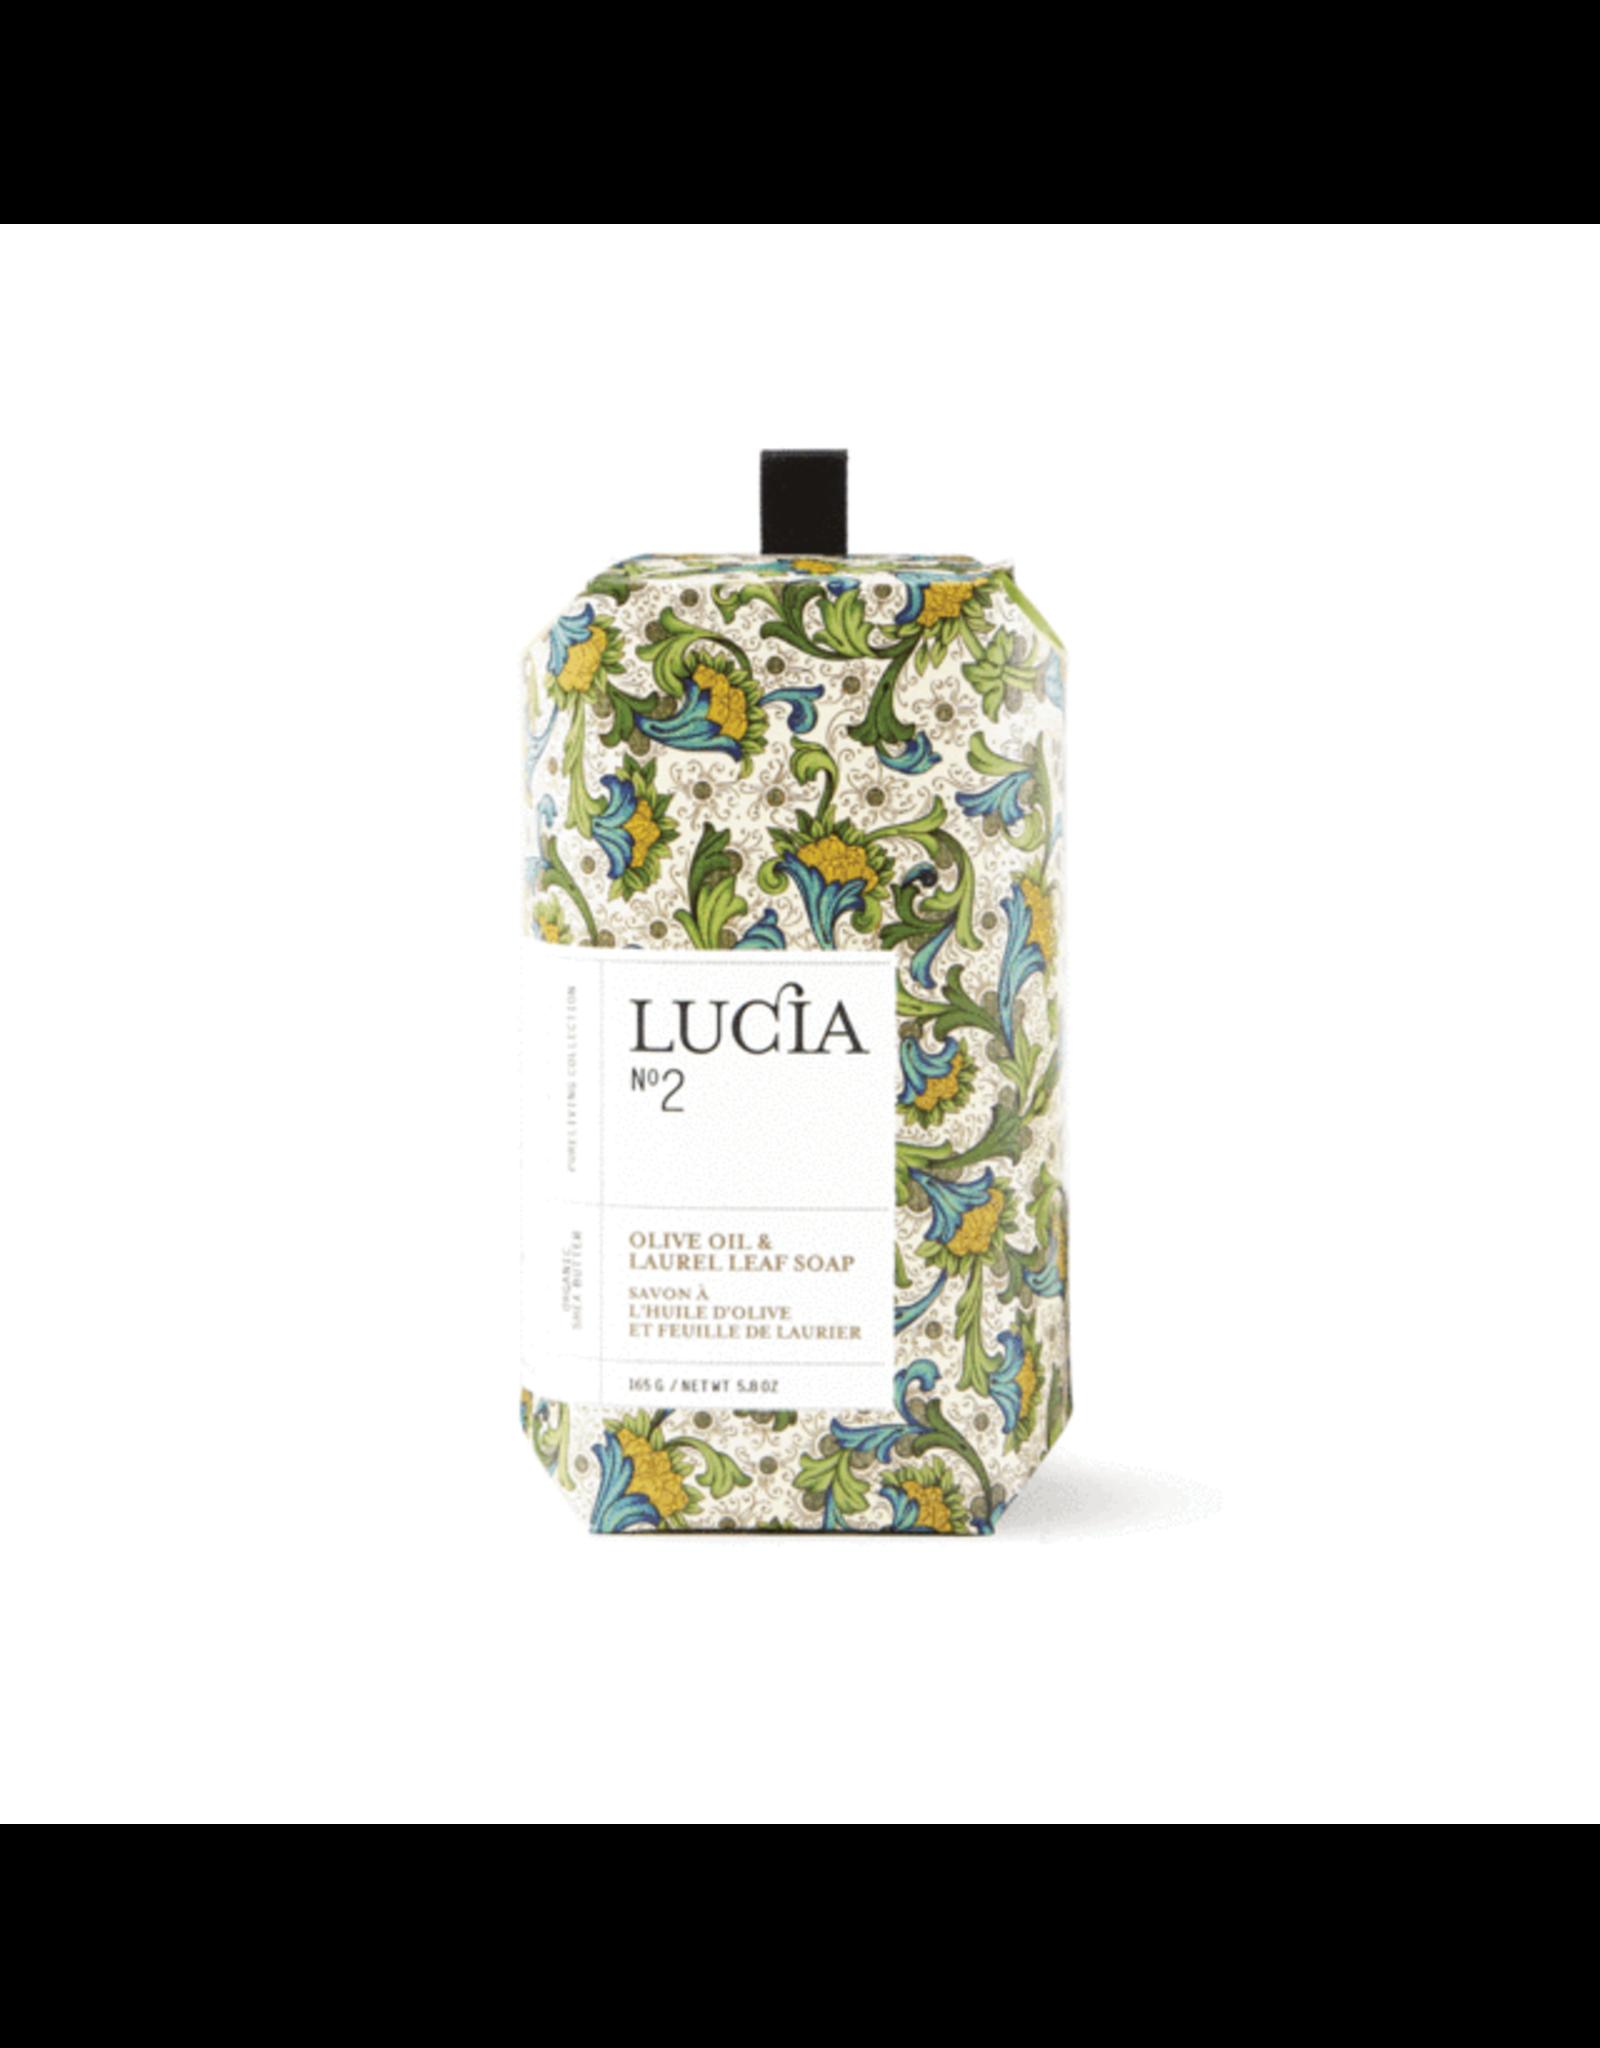 Lucia # 2:  Savon à l'huile d'olive et feuille de laurier